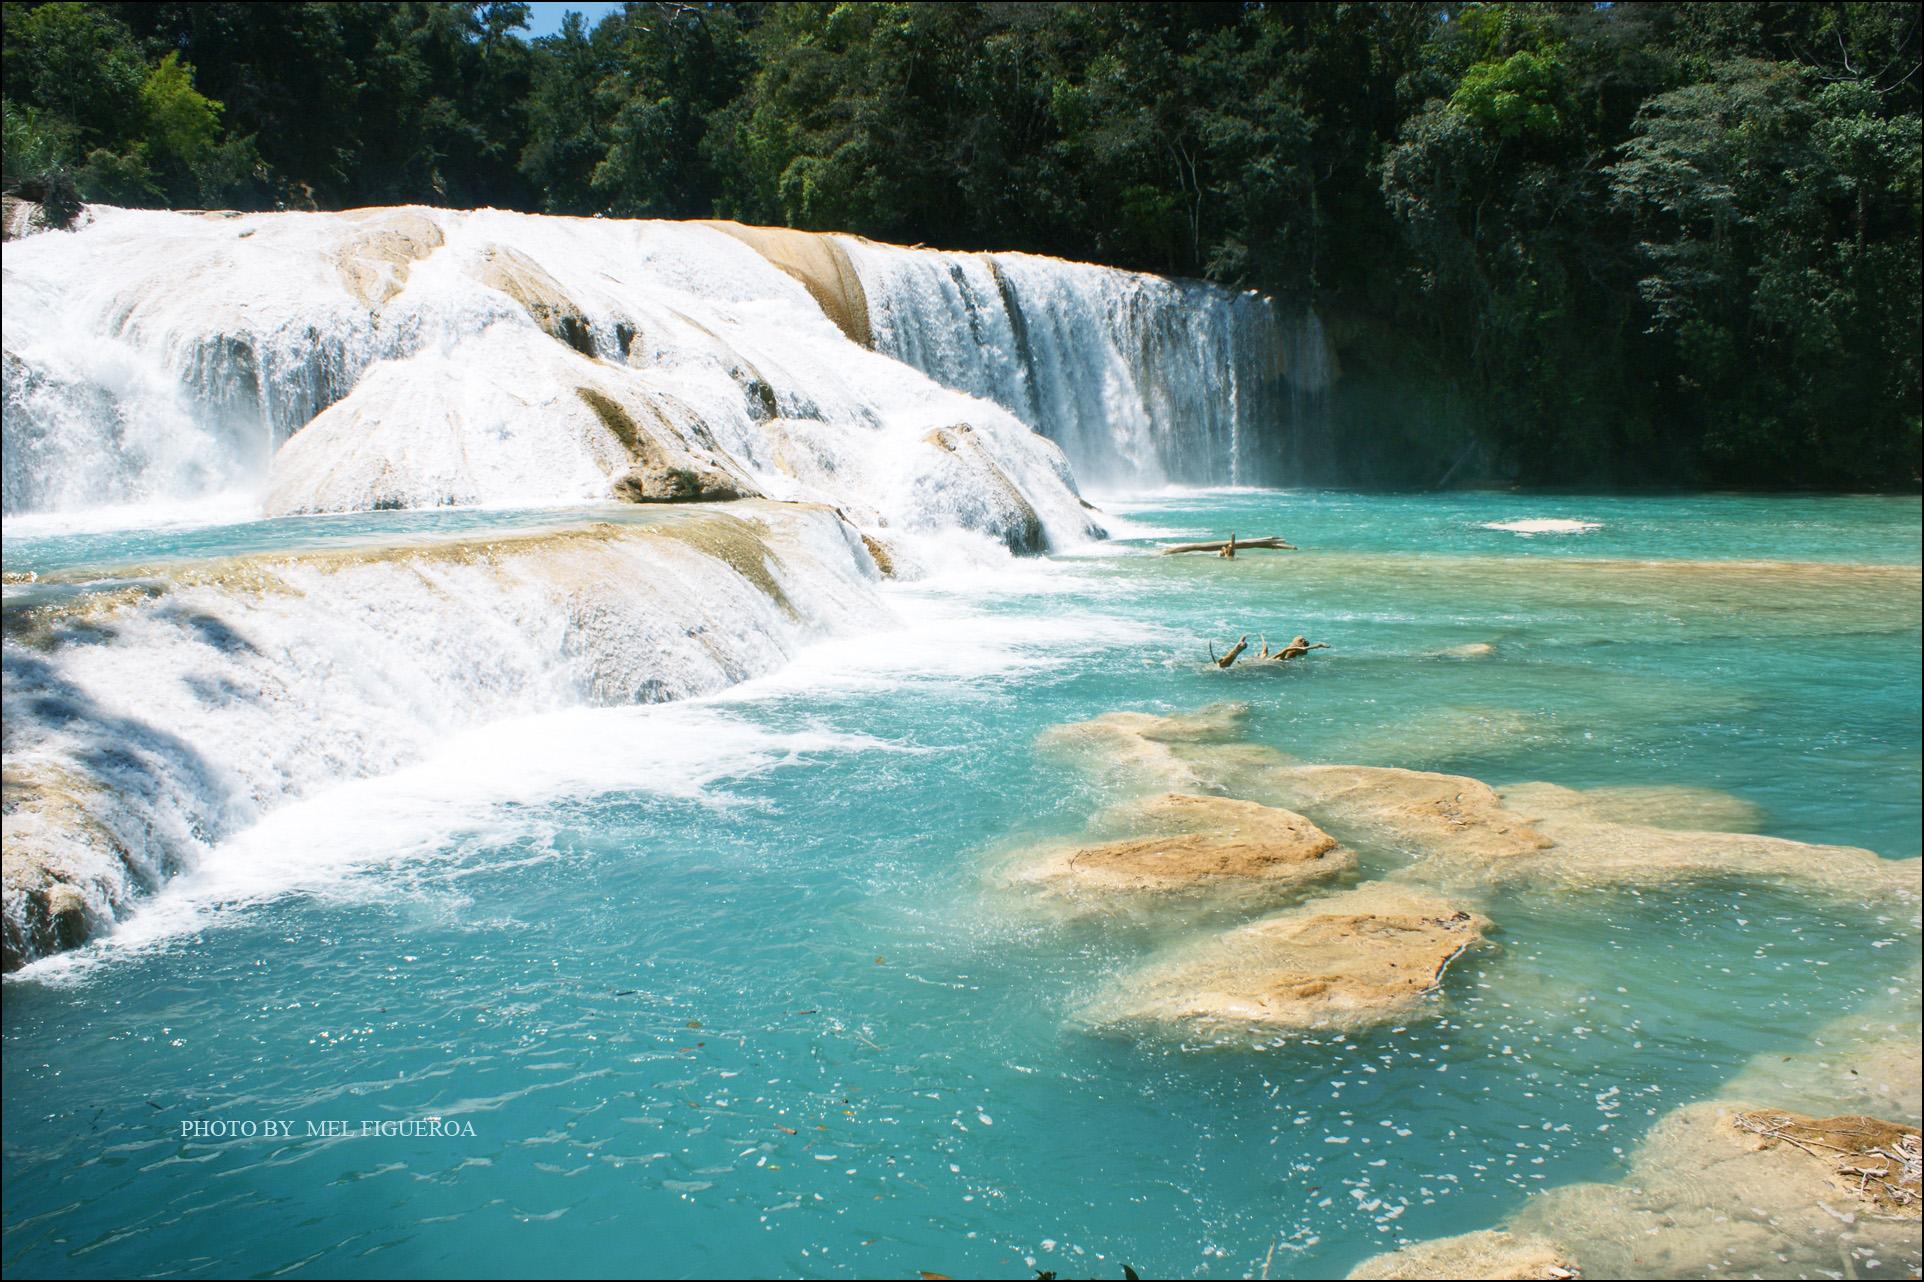 agua azul,cascada